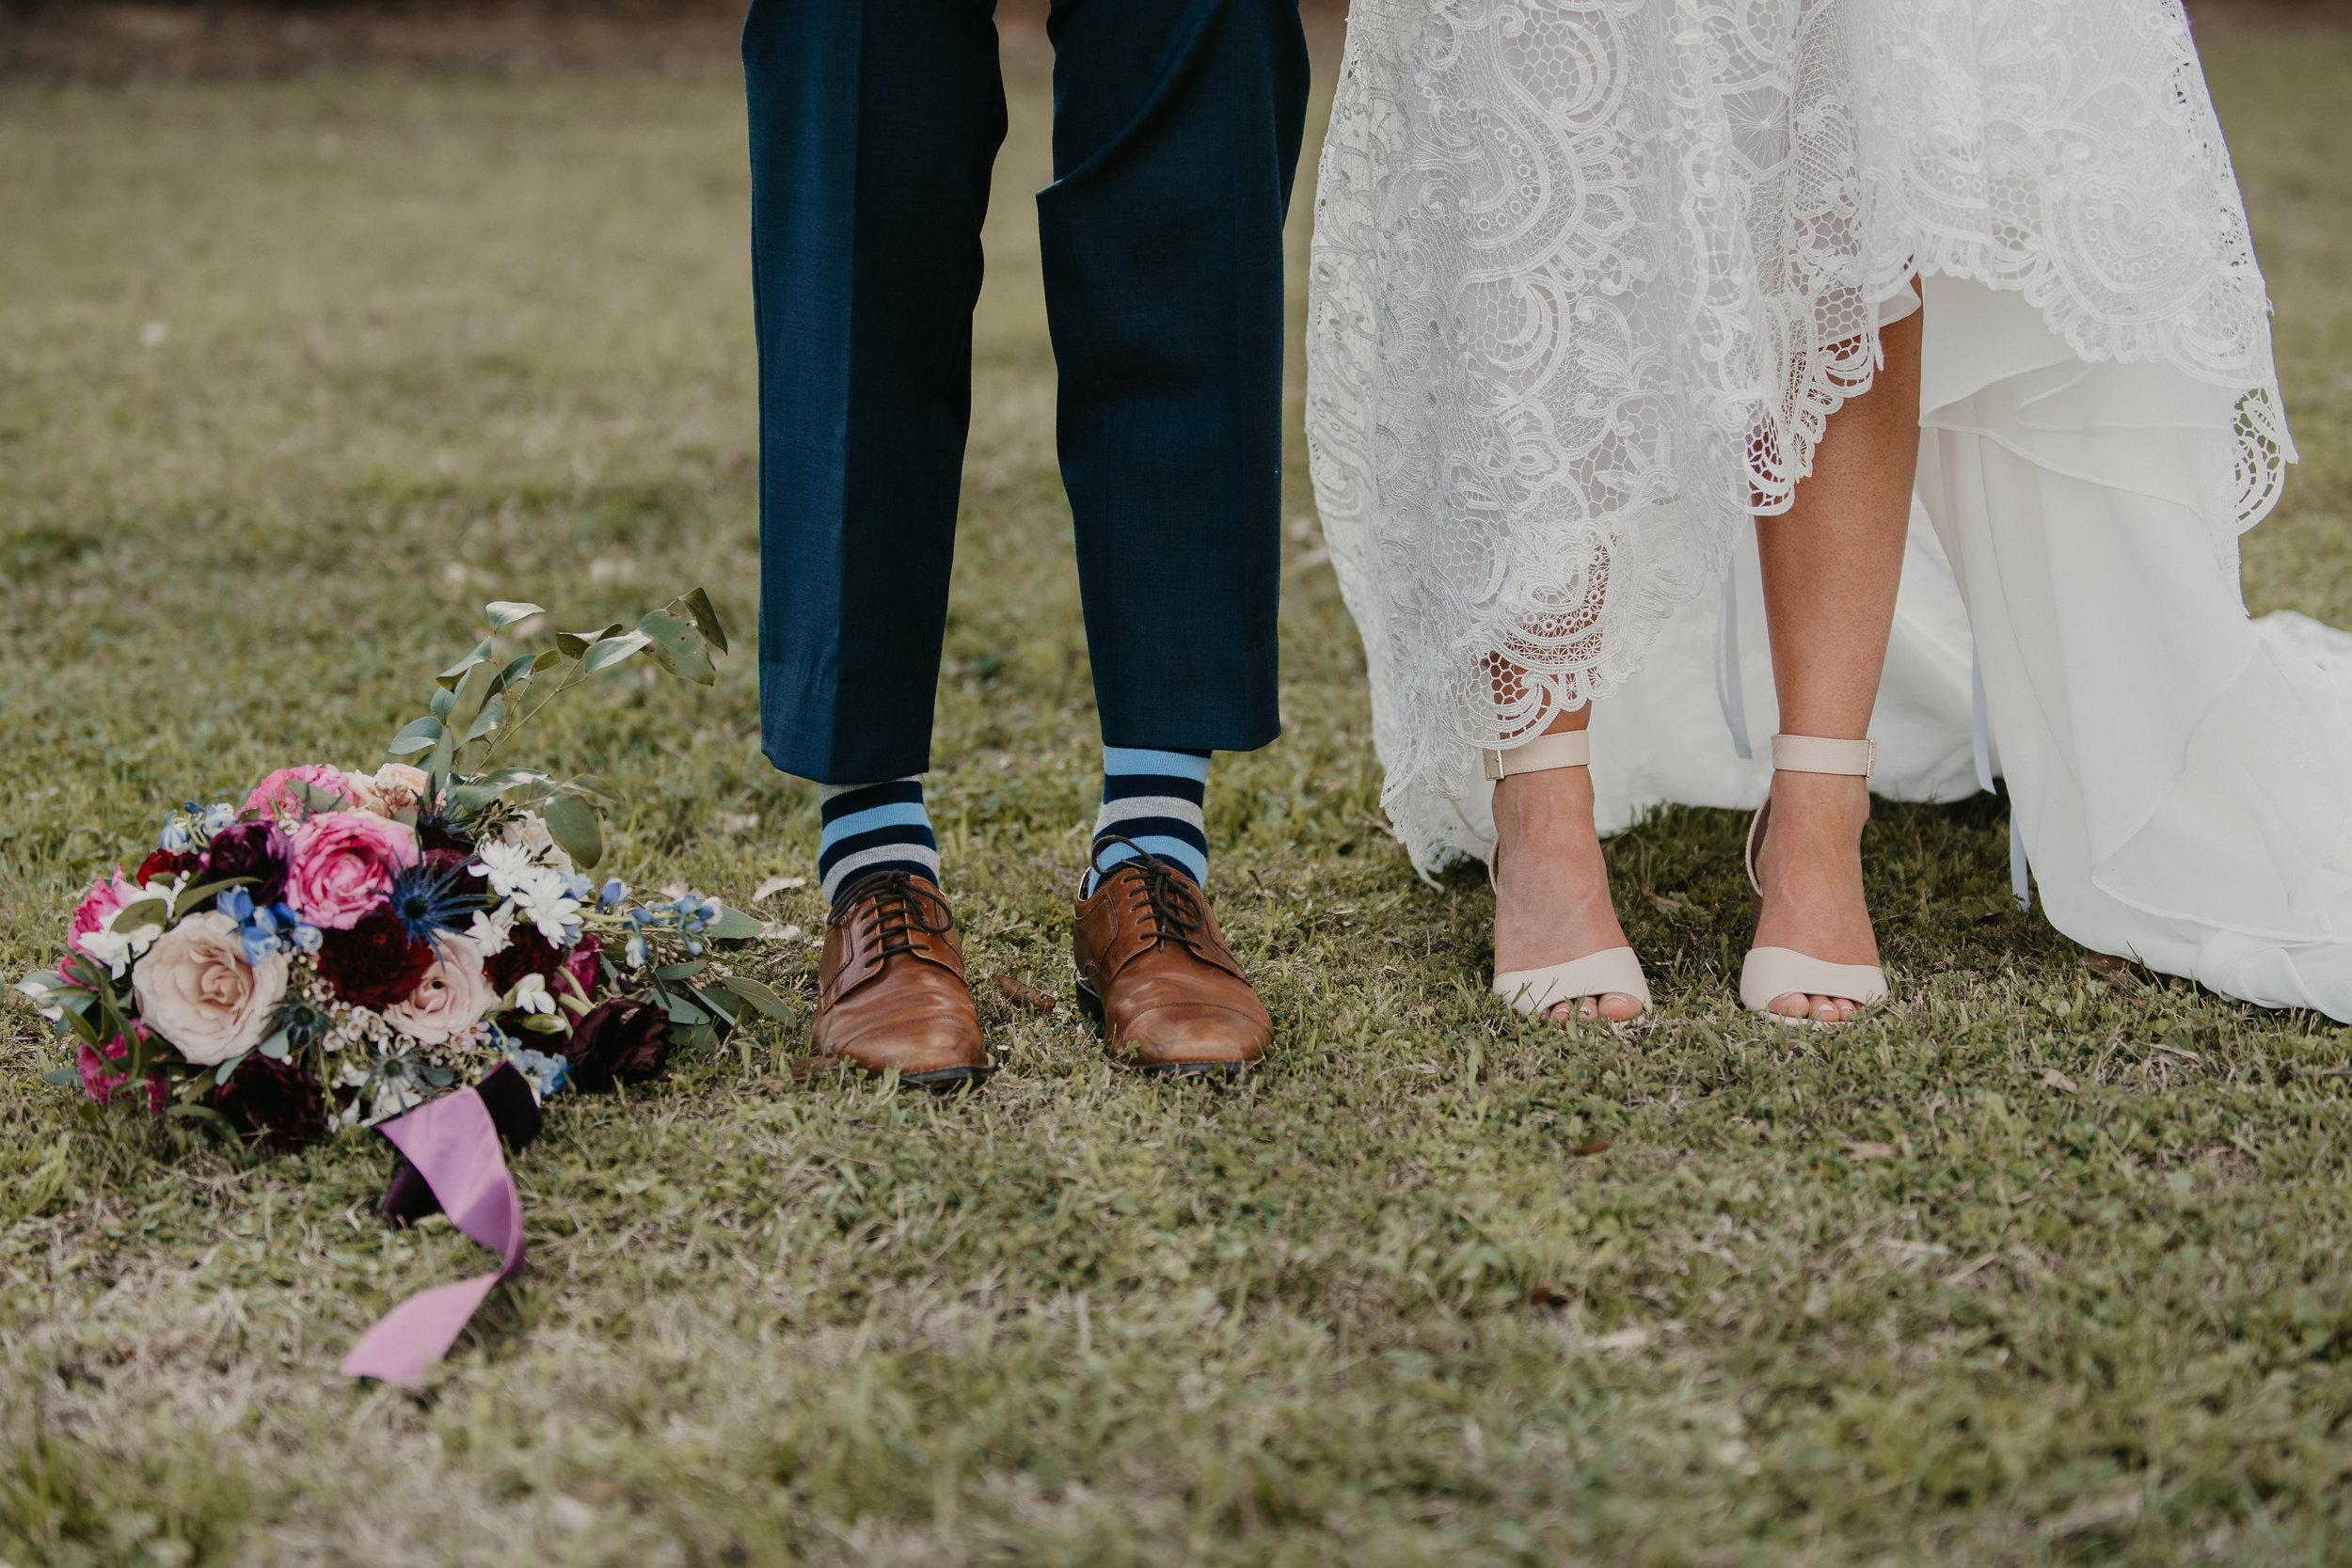 feet and bouquet.jpg